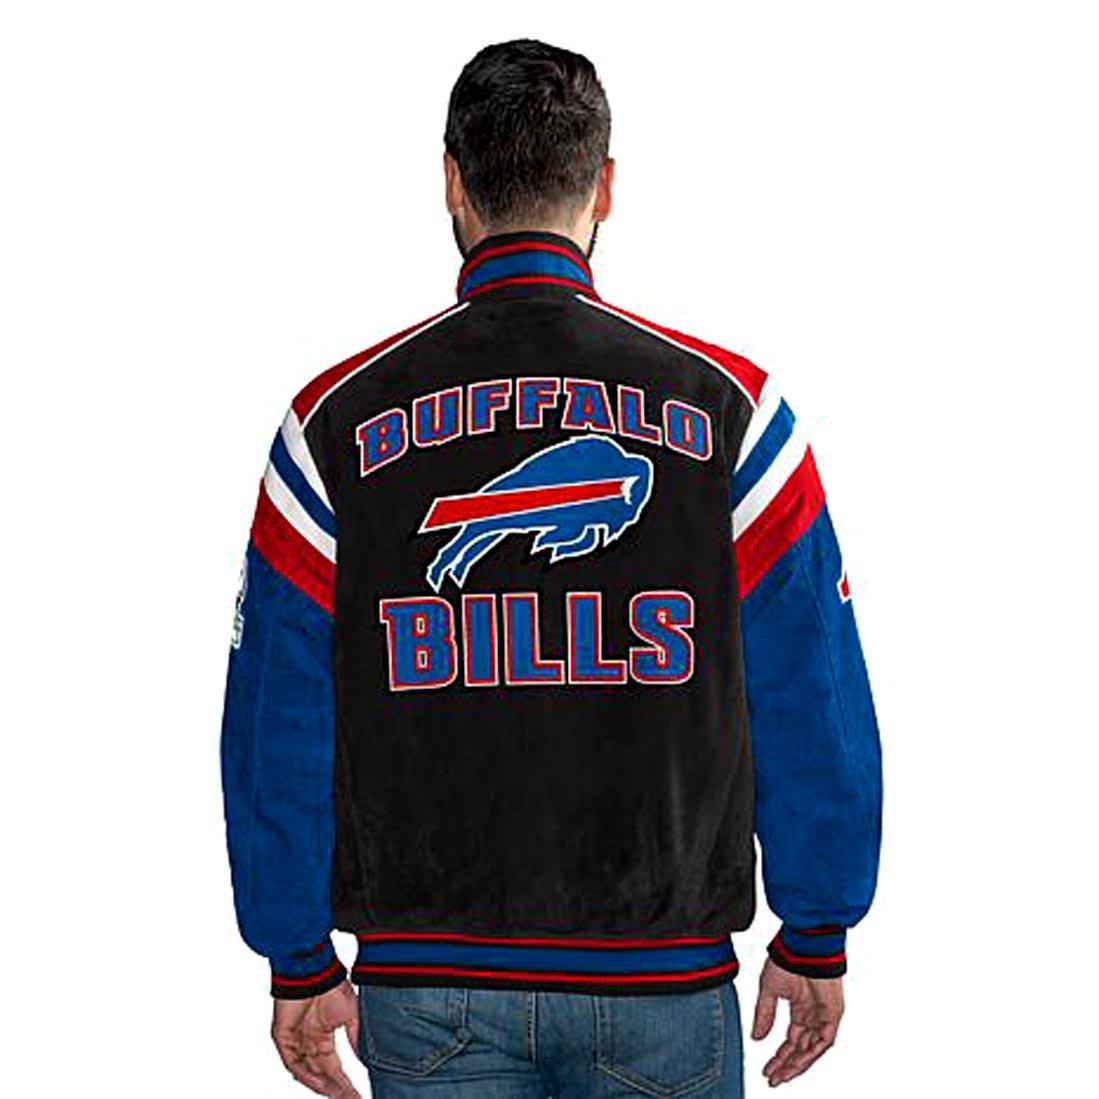 23b0b31ab4e Amazon.com  G III Buffalo Bills Leather Suede Varsity Jacket NFL Asst  Sizes  Clothing